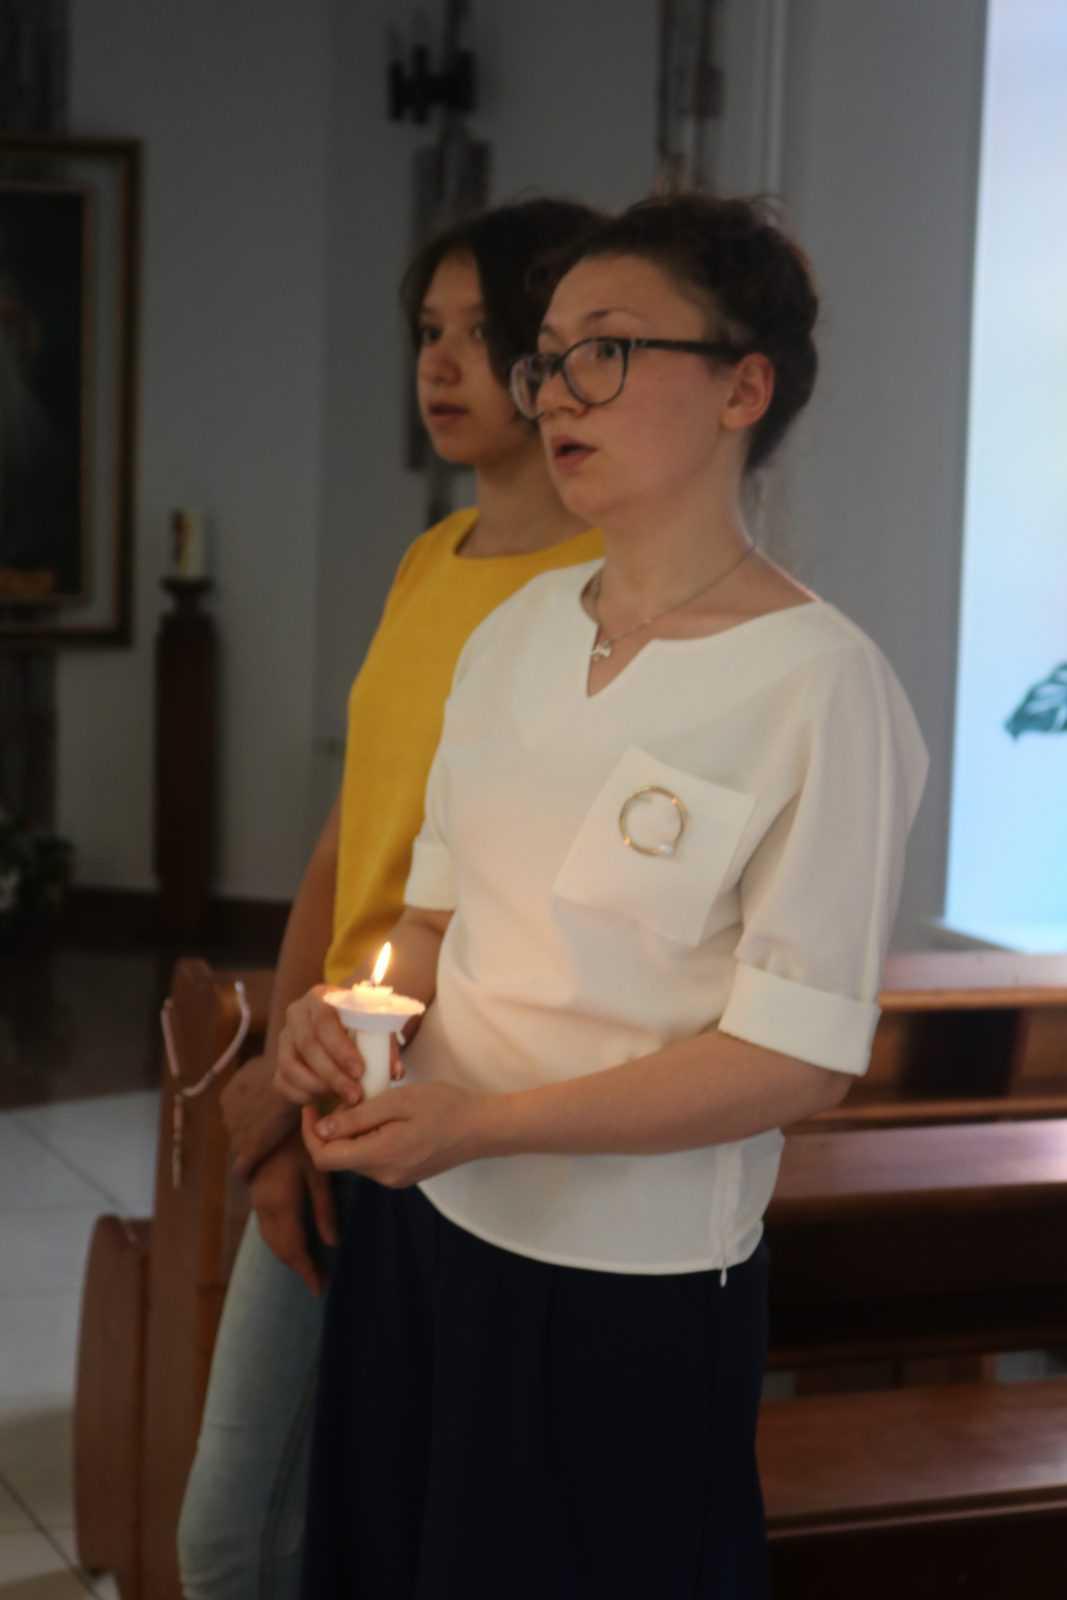 Фатимское Богослужение в Храме Непорочного Сердца Пресвятой Девы Марии 22